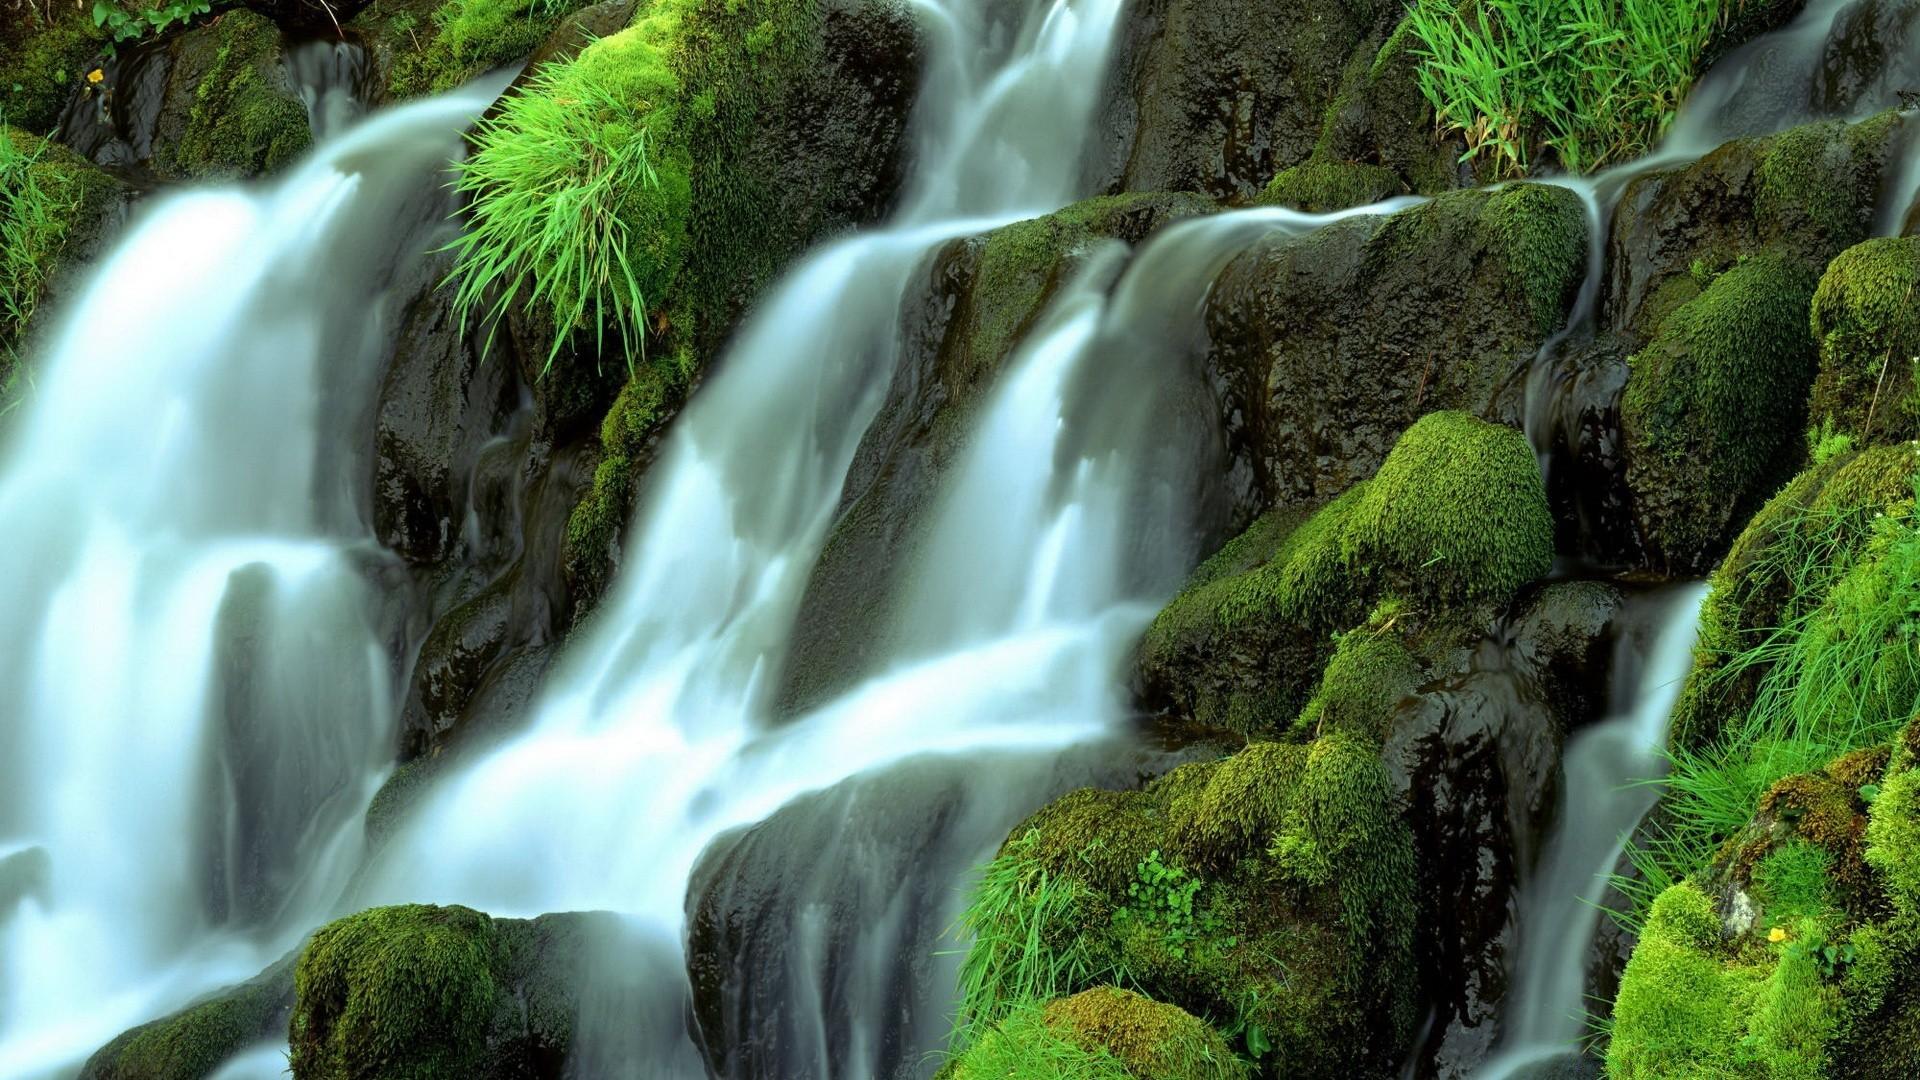 усача картинки живые водопады красивые на рабочий стол этой